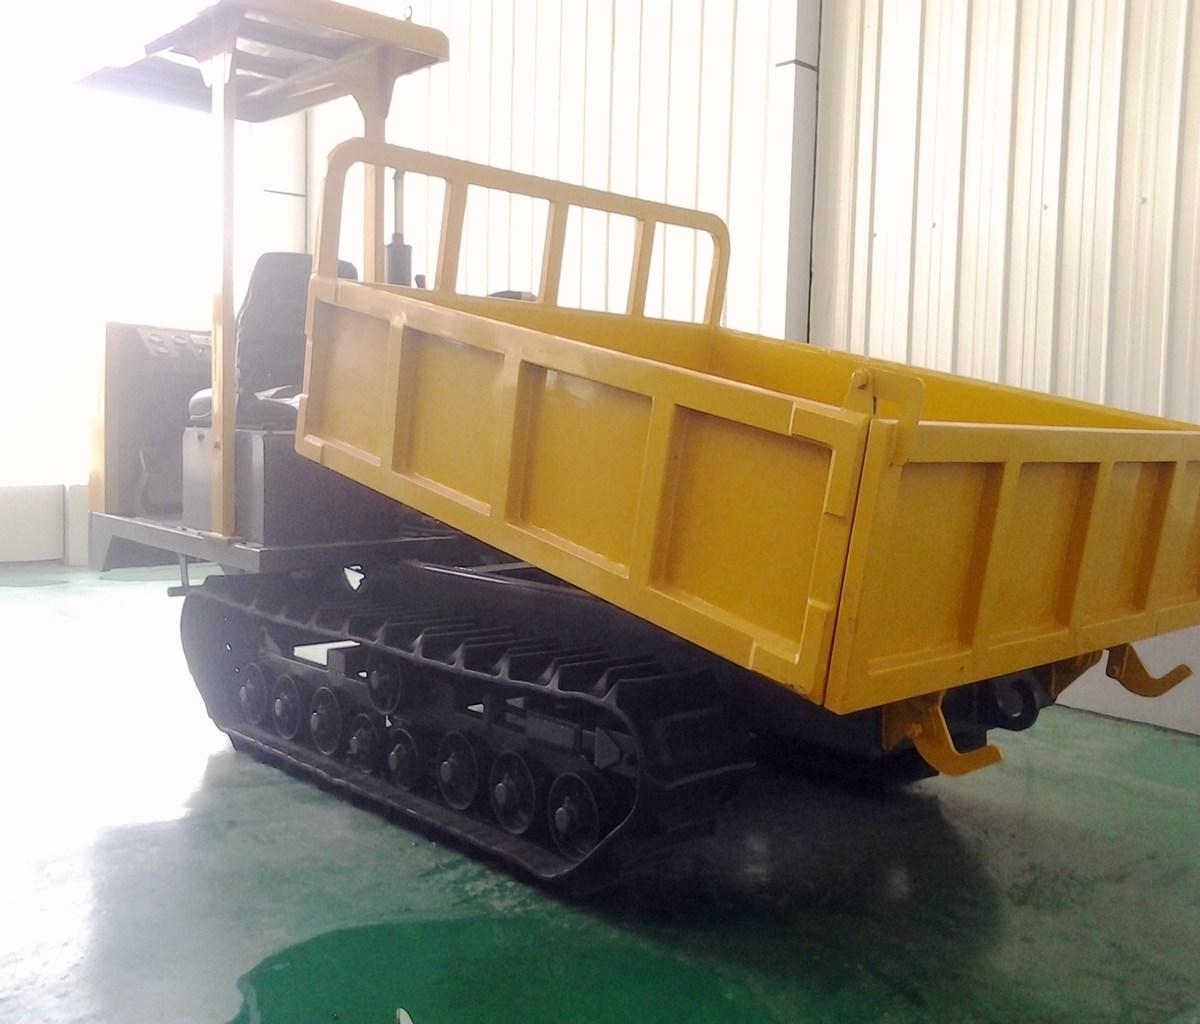 3 吨 橡胶履带运输车) (4).jpg